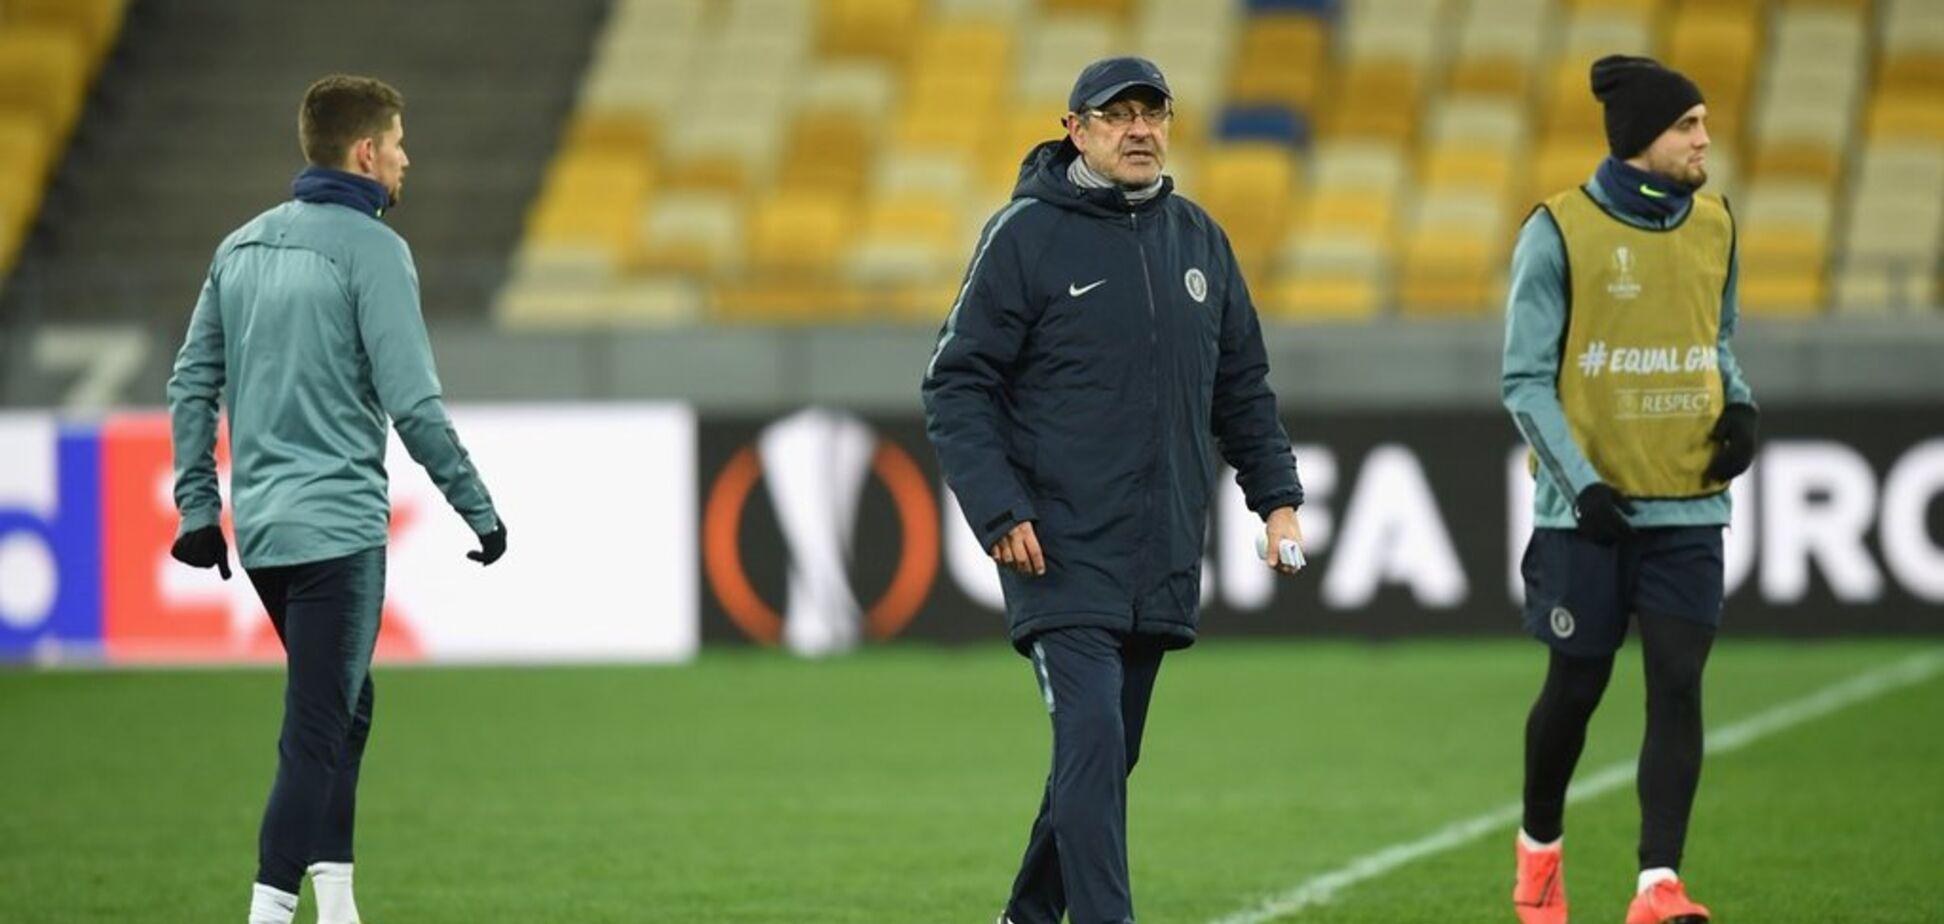 'Это катастрофа': соперник 'Динамо' выступил с резким заявлением